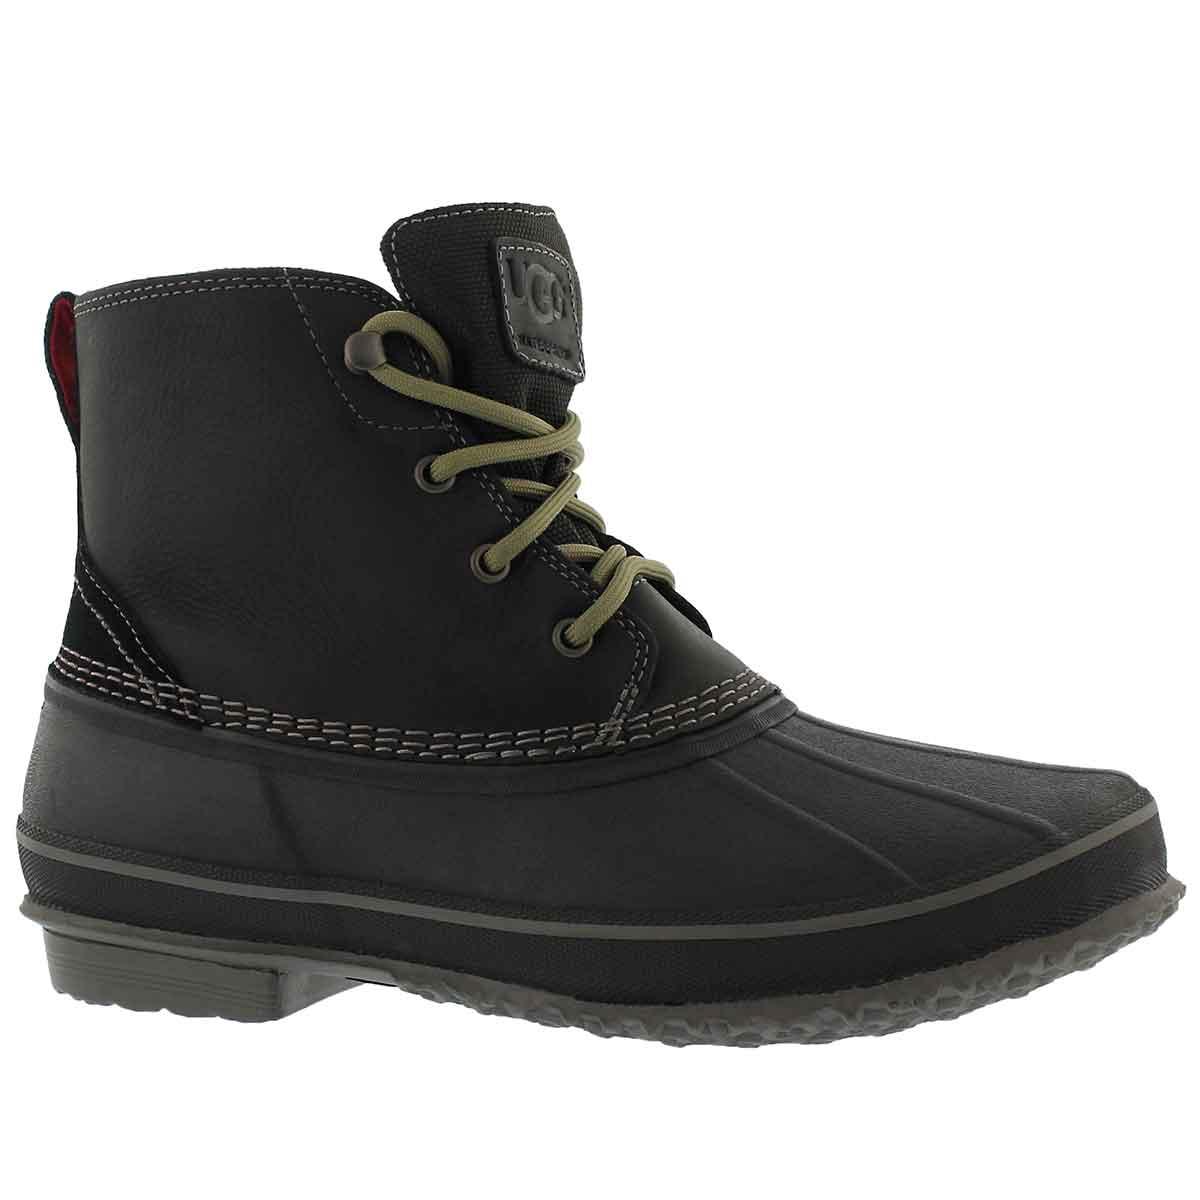 Mns Zetik black lace up wtpf ankle boot